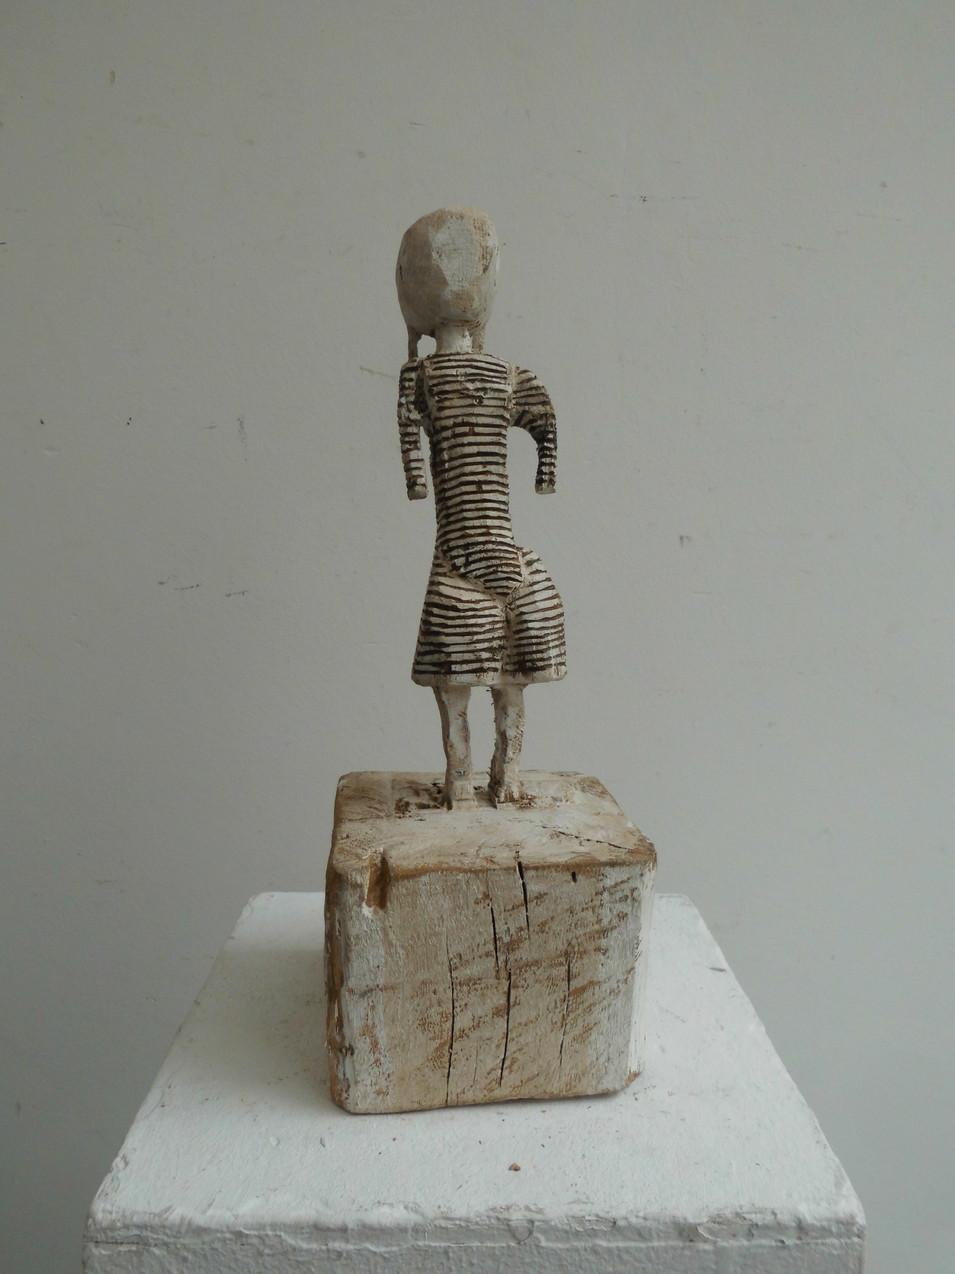 Klaus Hack | Kleine Tänzerin | 2011 | Holz | weiß gefasst | 34 x 12,5 x 13 cm | 1500 Euro